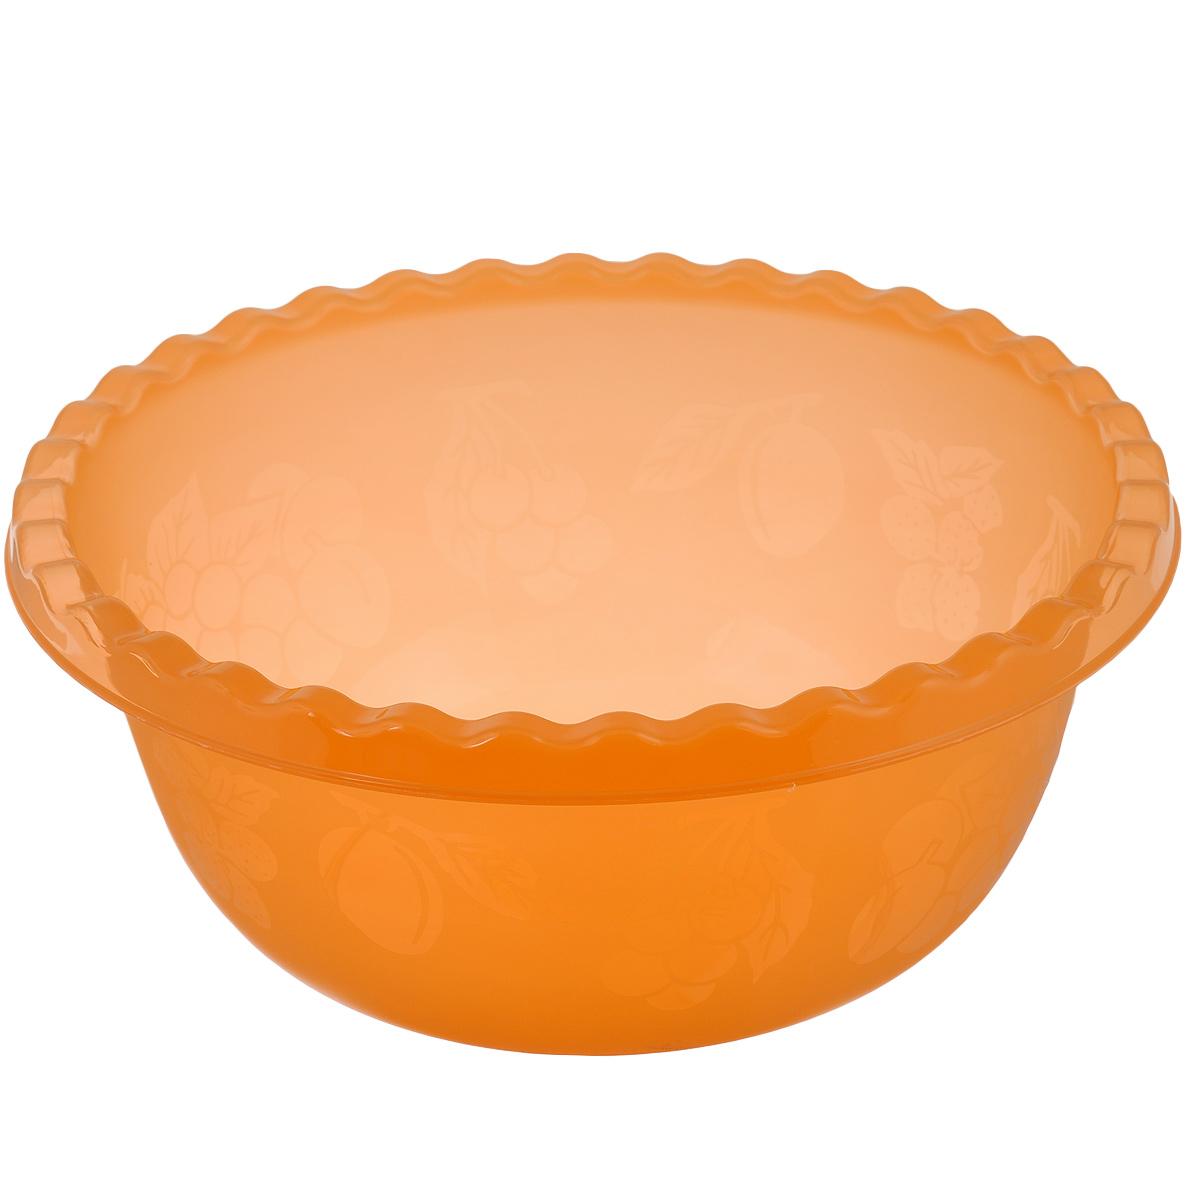 Миска Idea, цвет: оранжевый, 5 лМ 1313Вместительная миска Idea изготовлена из высококачественного пищевого пластика. Изделие очень функциональное, оно пригодится на кухне для самых разнообразных нужд: в качестве салатника, миски, тарелки. По периметру миска украшена узором в виде фруктов. Диаметр миски: 28,5 см. Высота миски: 12 см. Объем: 5 л.